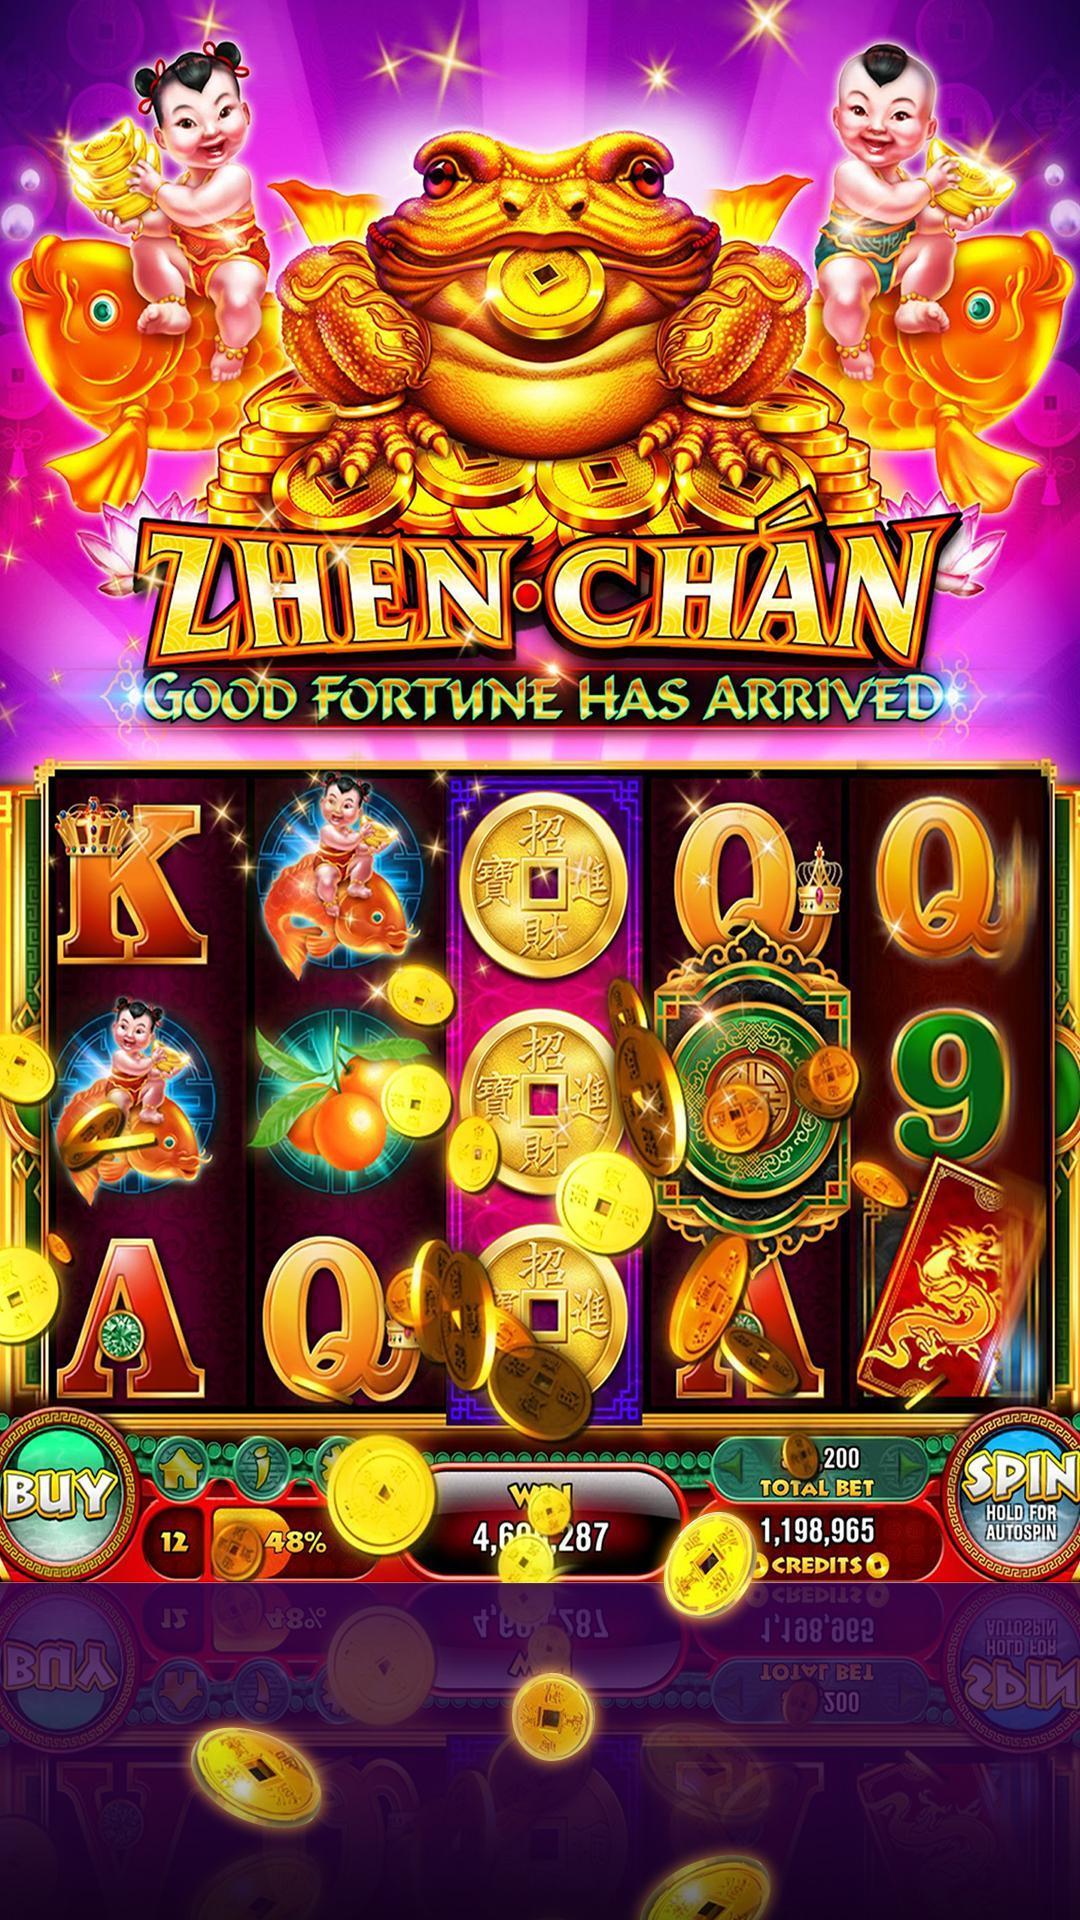 88 Fortunes Casino Games & Free Slot Machines 3.2.38 Screenshot 3